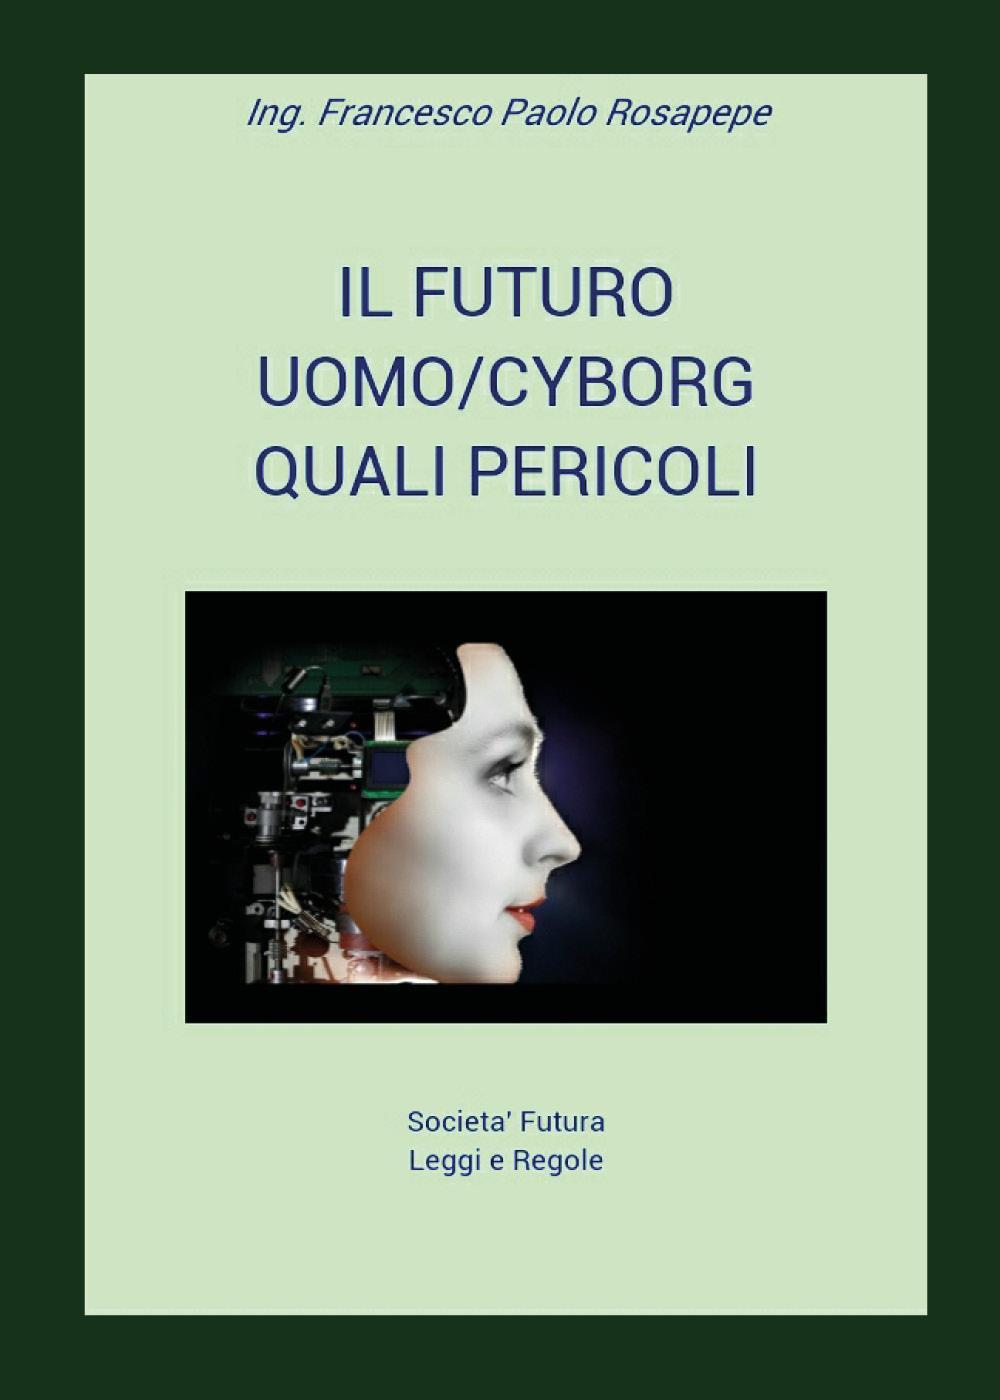 Il futuro uomo/cyborg